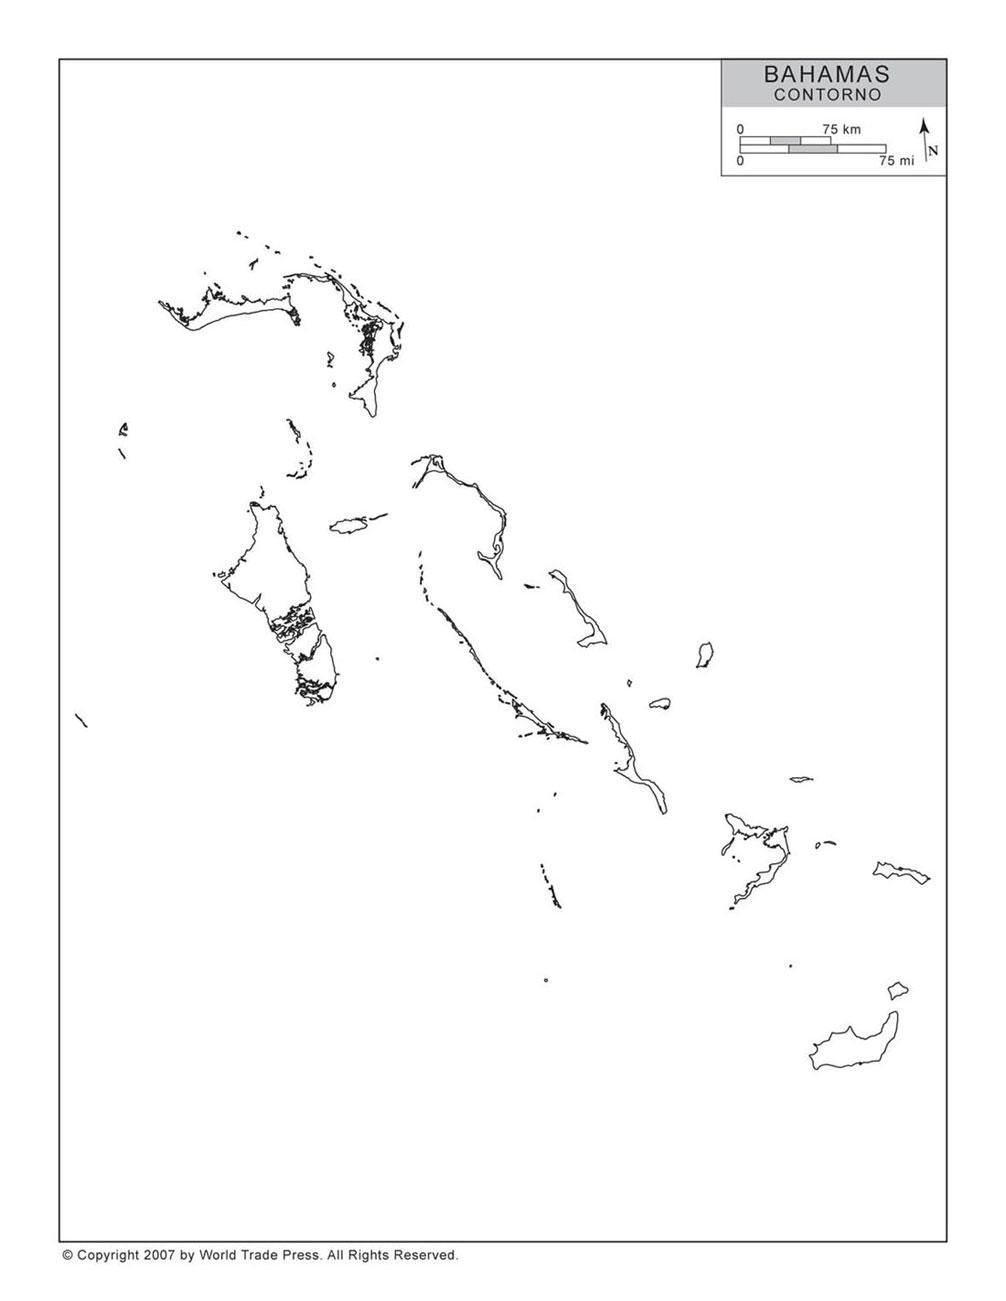 Mapa das Bahamas com Contorno